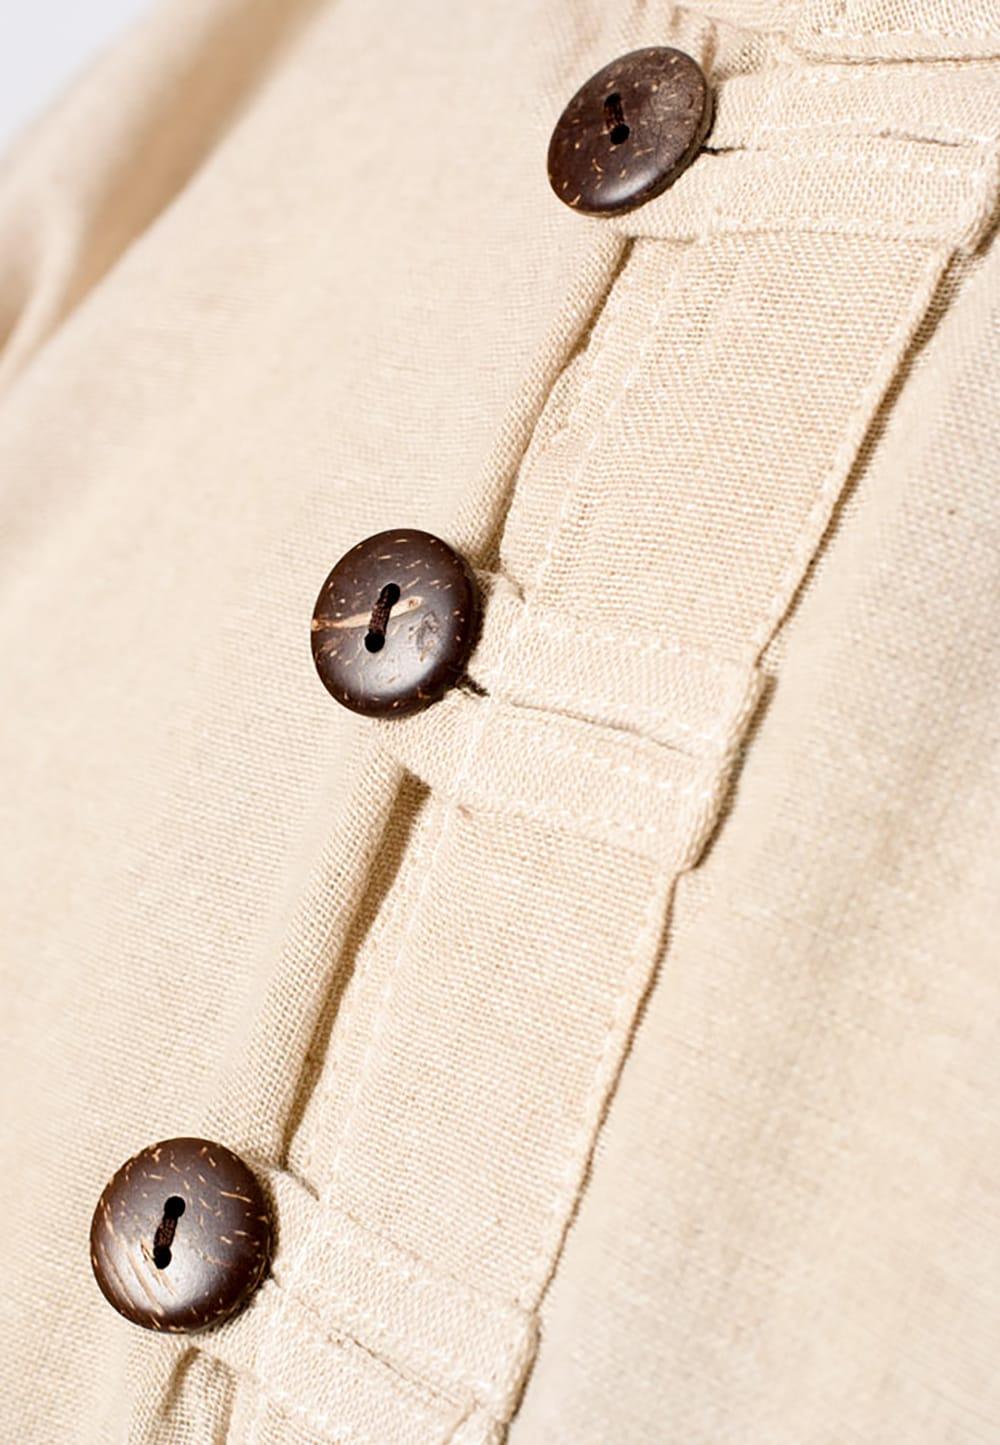 長袖シンプルコットンボタンクルタ 【きなり】 7 - 胸元のボタンが程よいアクセントになっています。